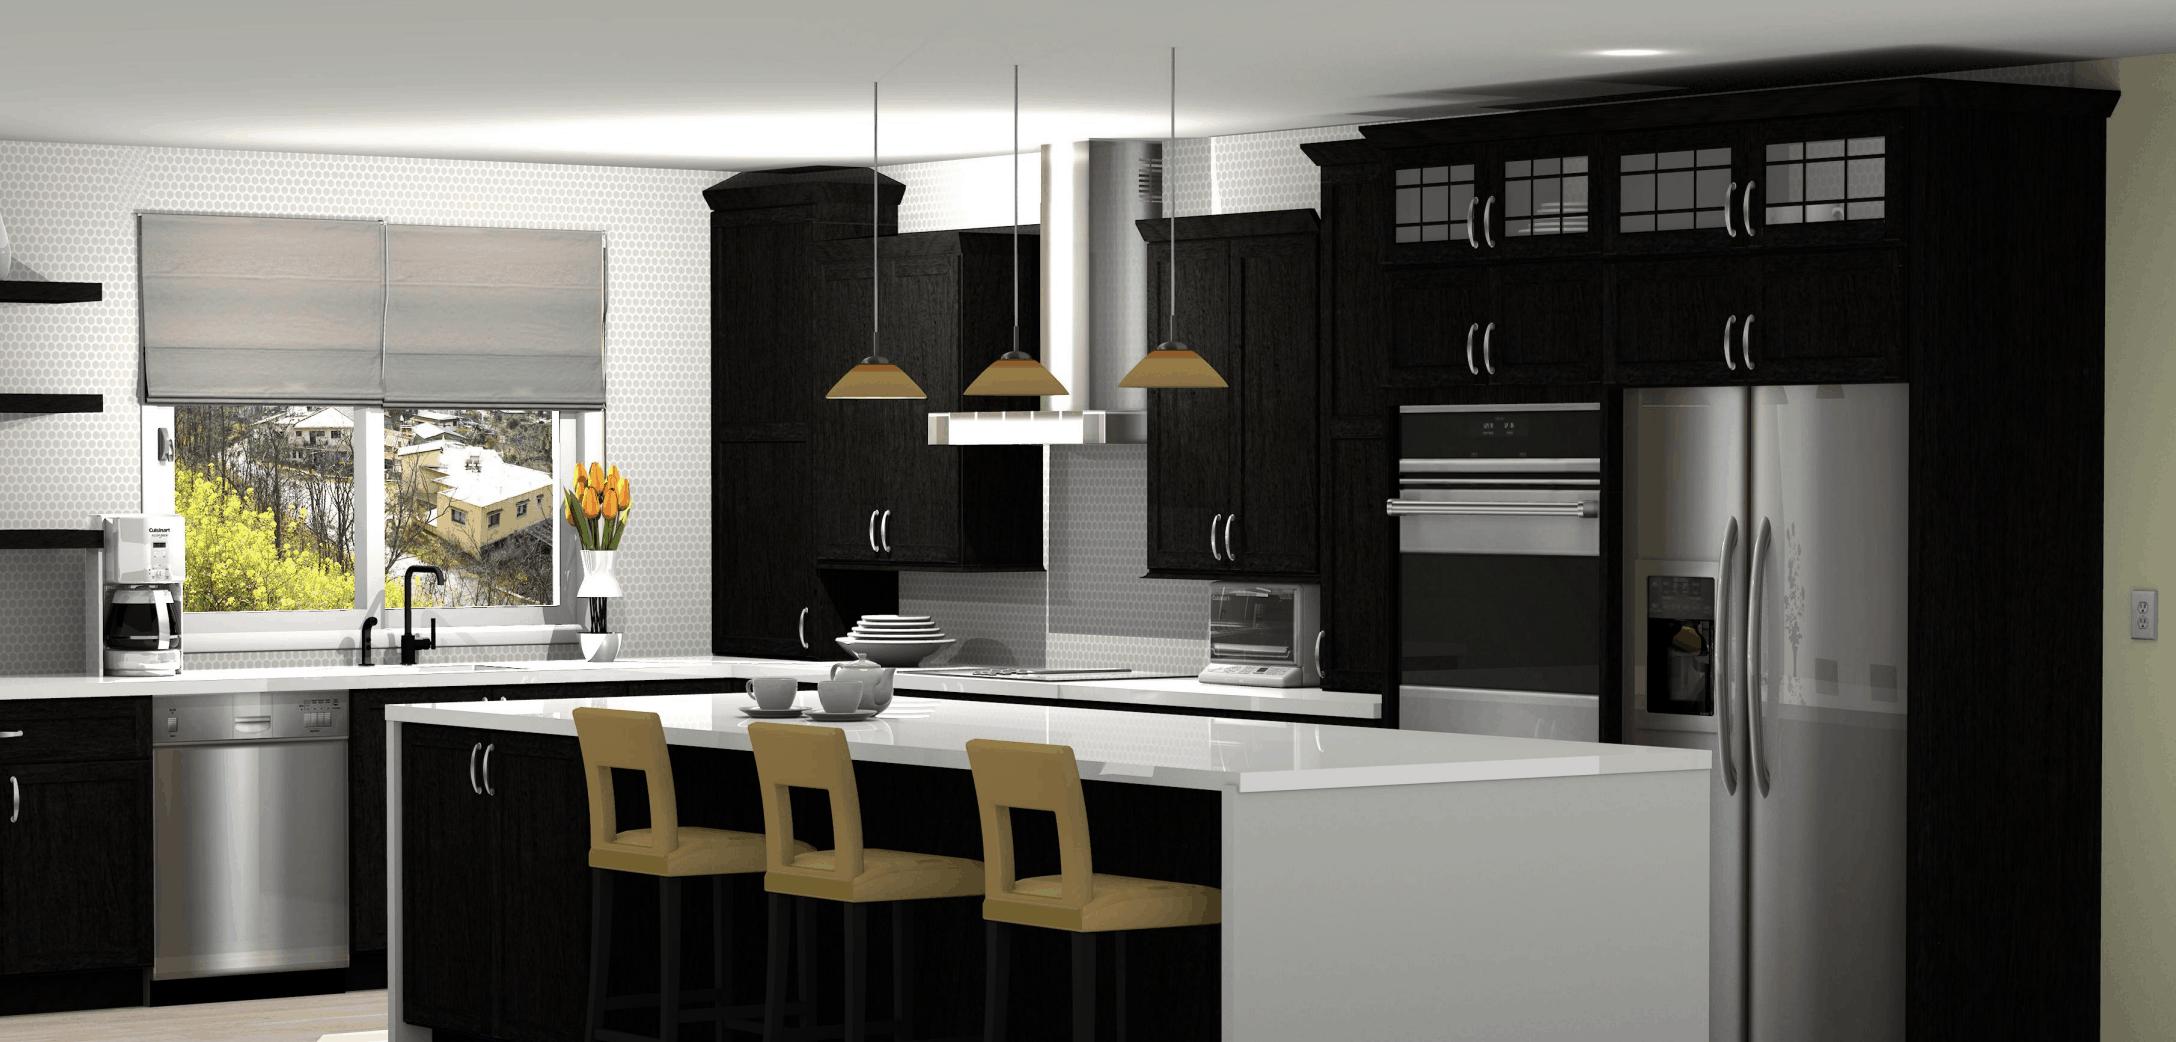 Kitchen Design Software Mac Free